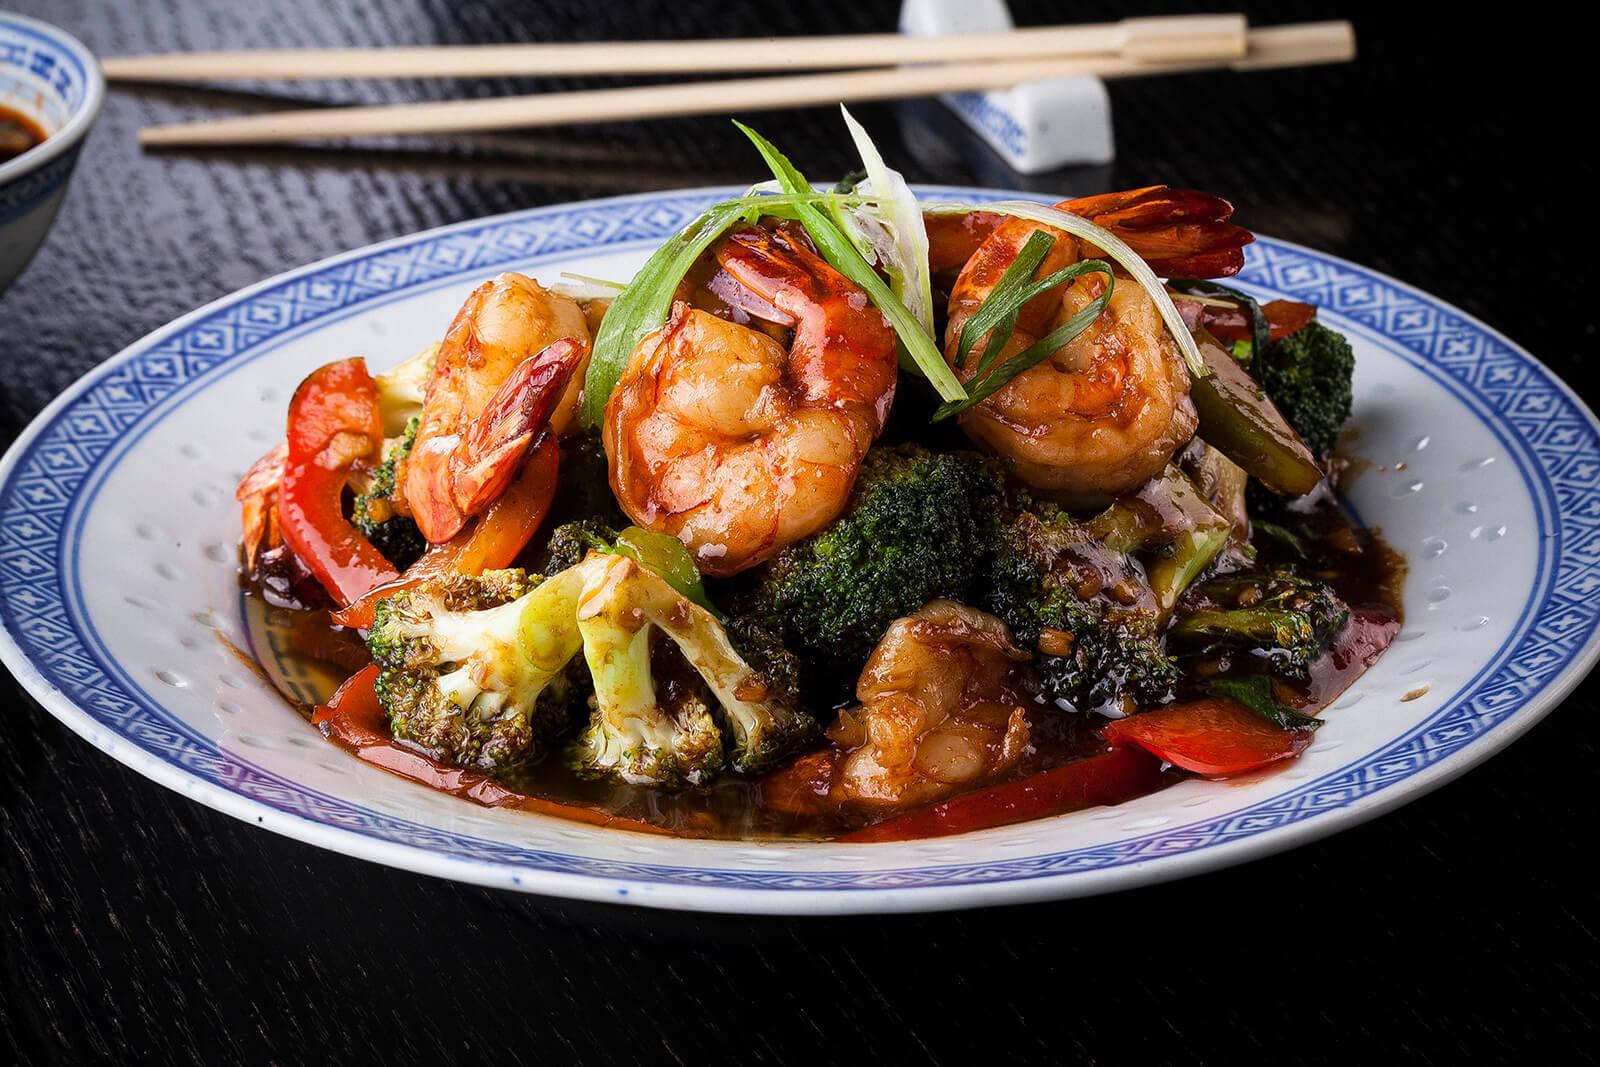 4 ארוחה במסעדת פת קואה הסינית של אהרוני, הרצליה פיתוח